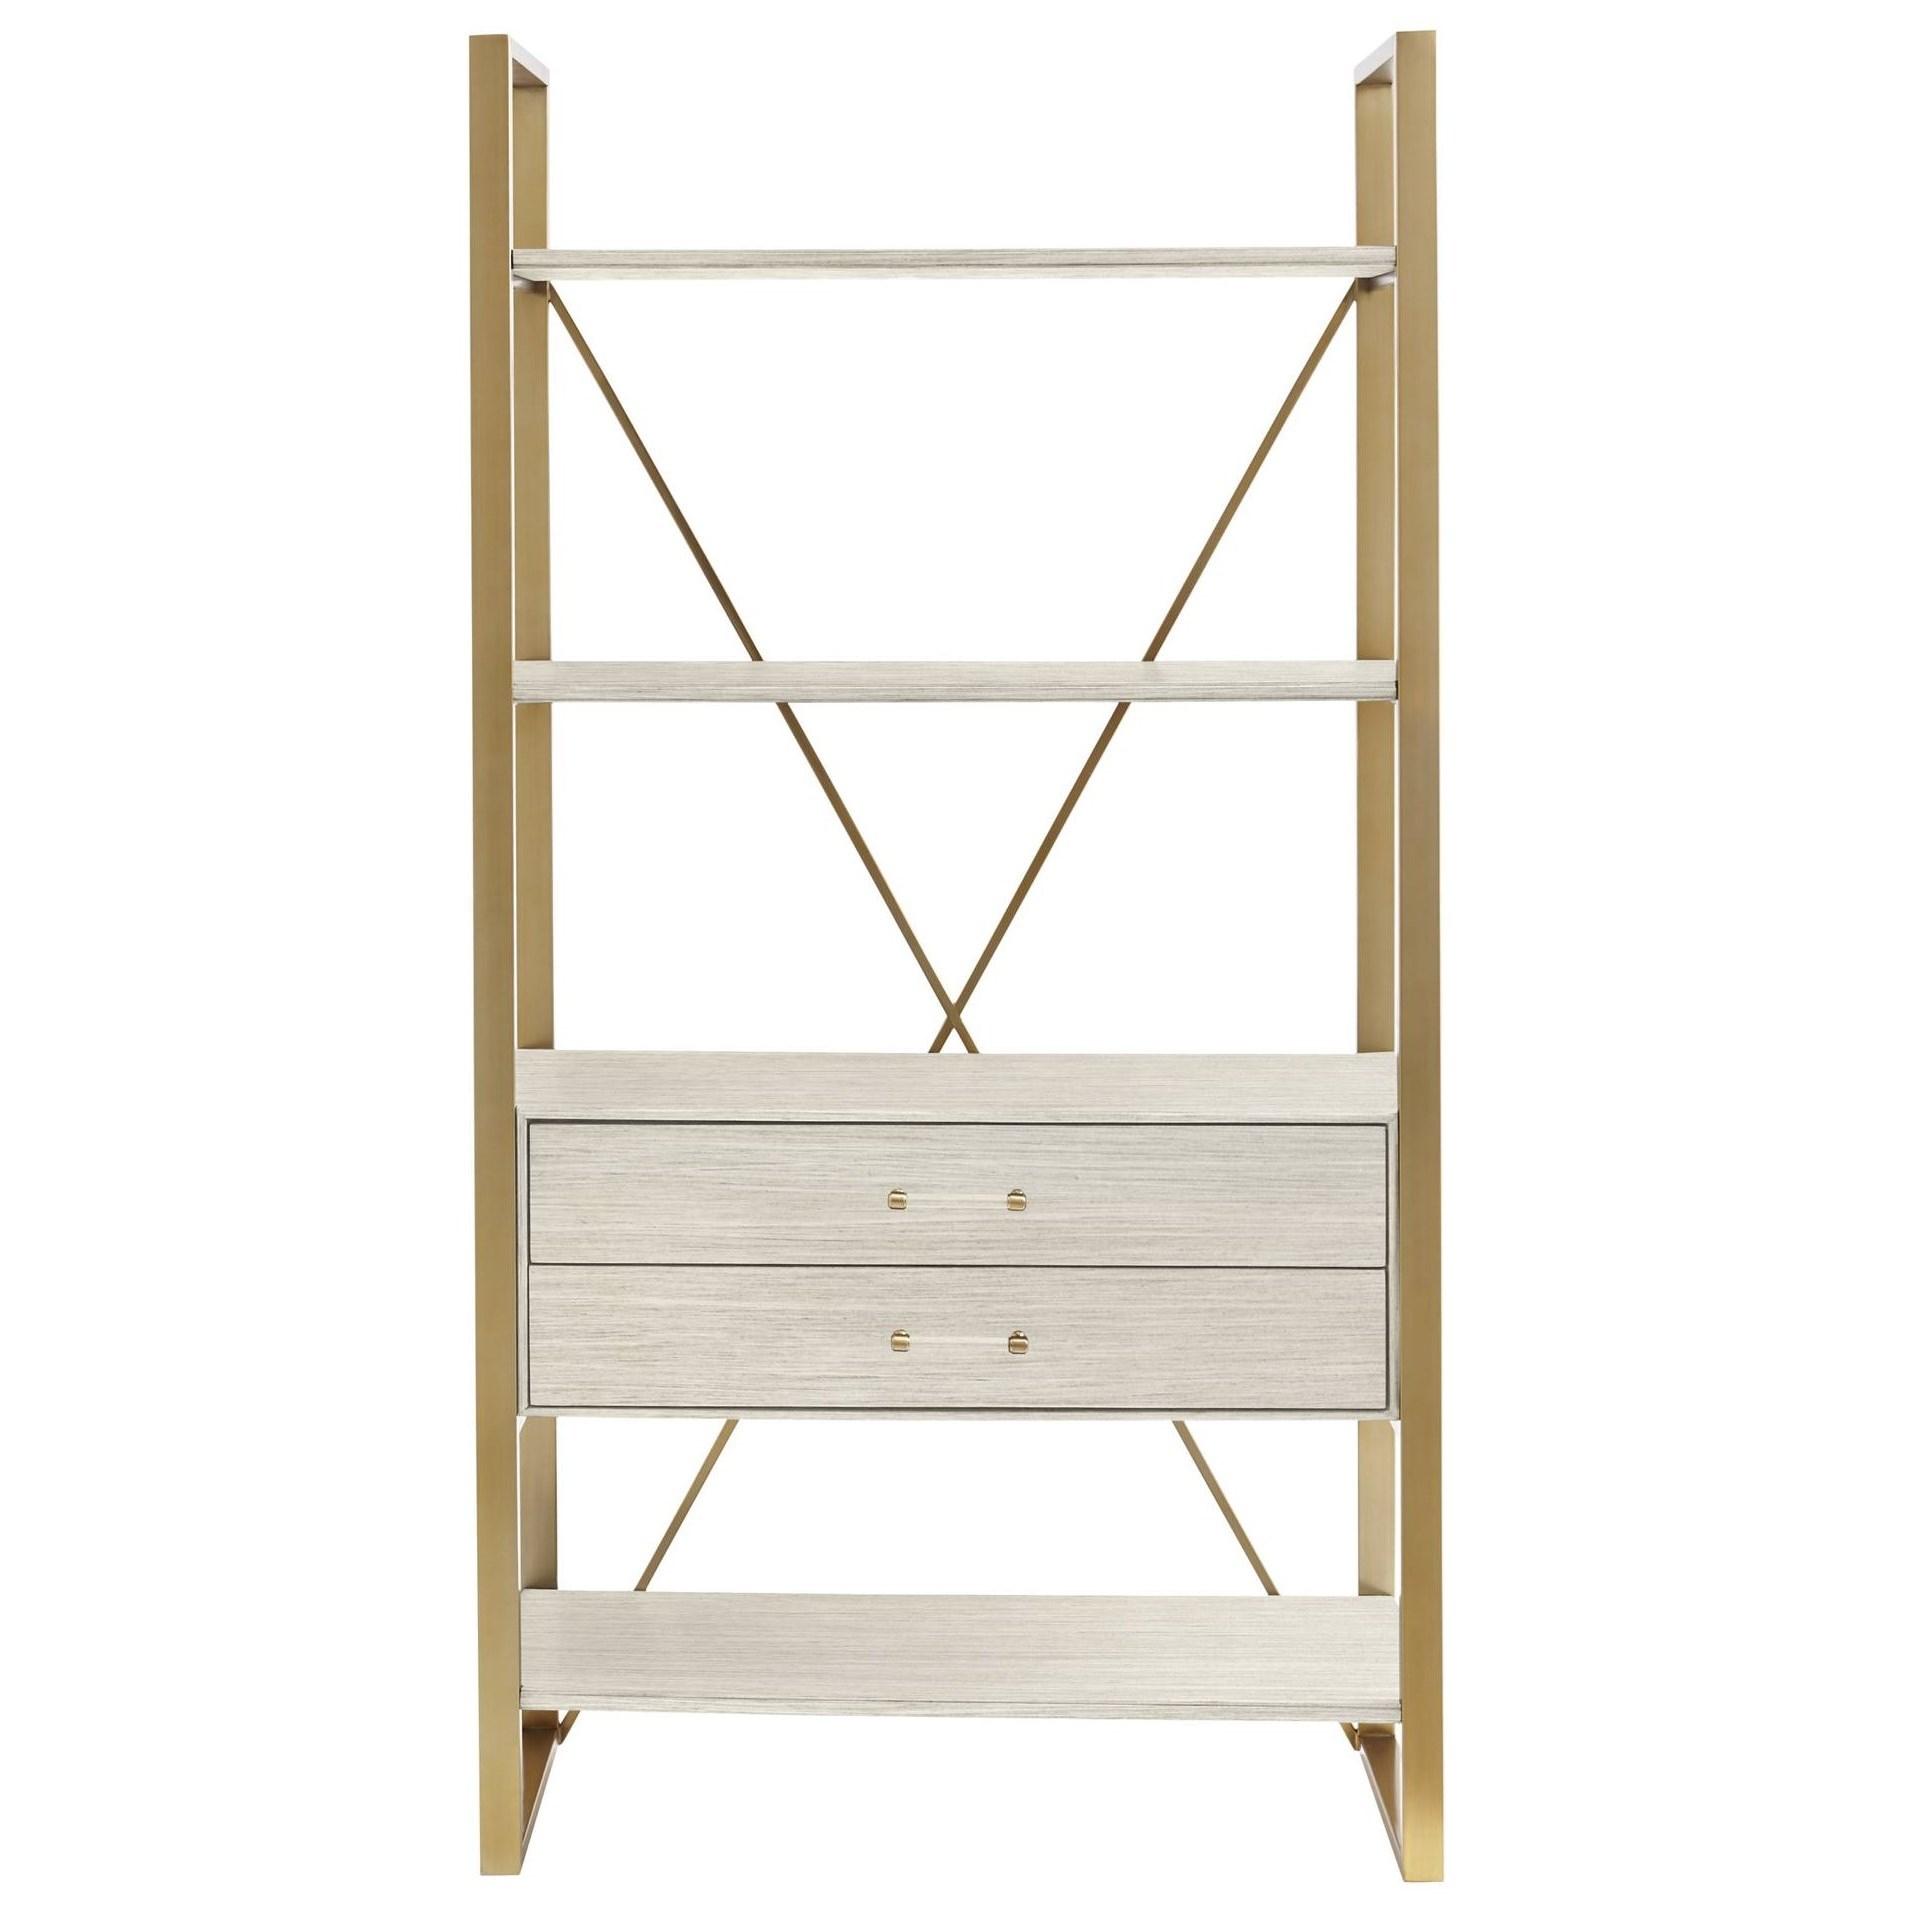 Stanley Furniture Coastal Living Oasis Harwell Bookcase - Item Number: 527-55-18